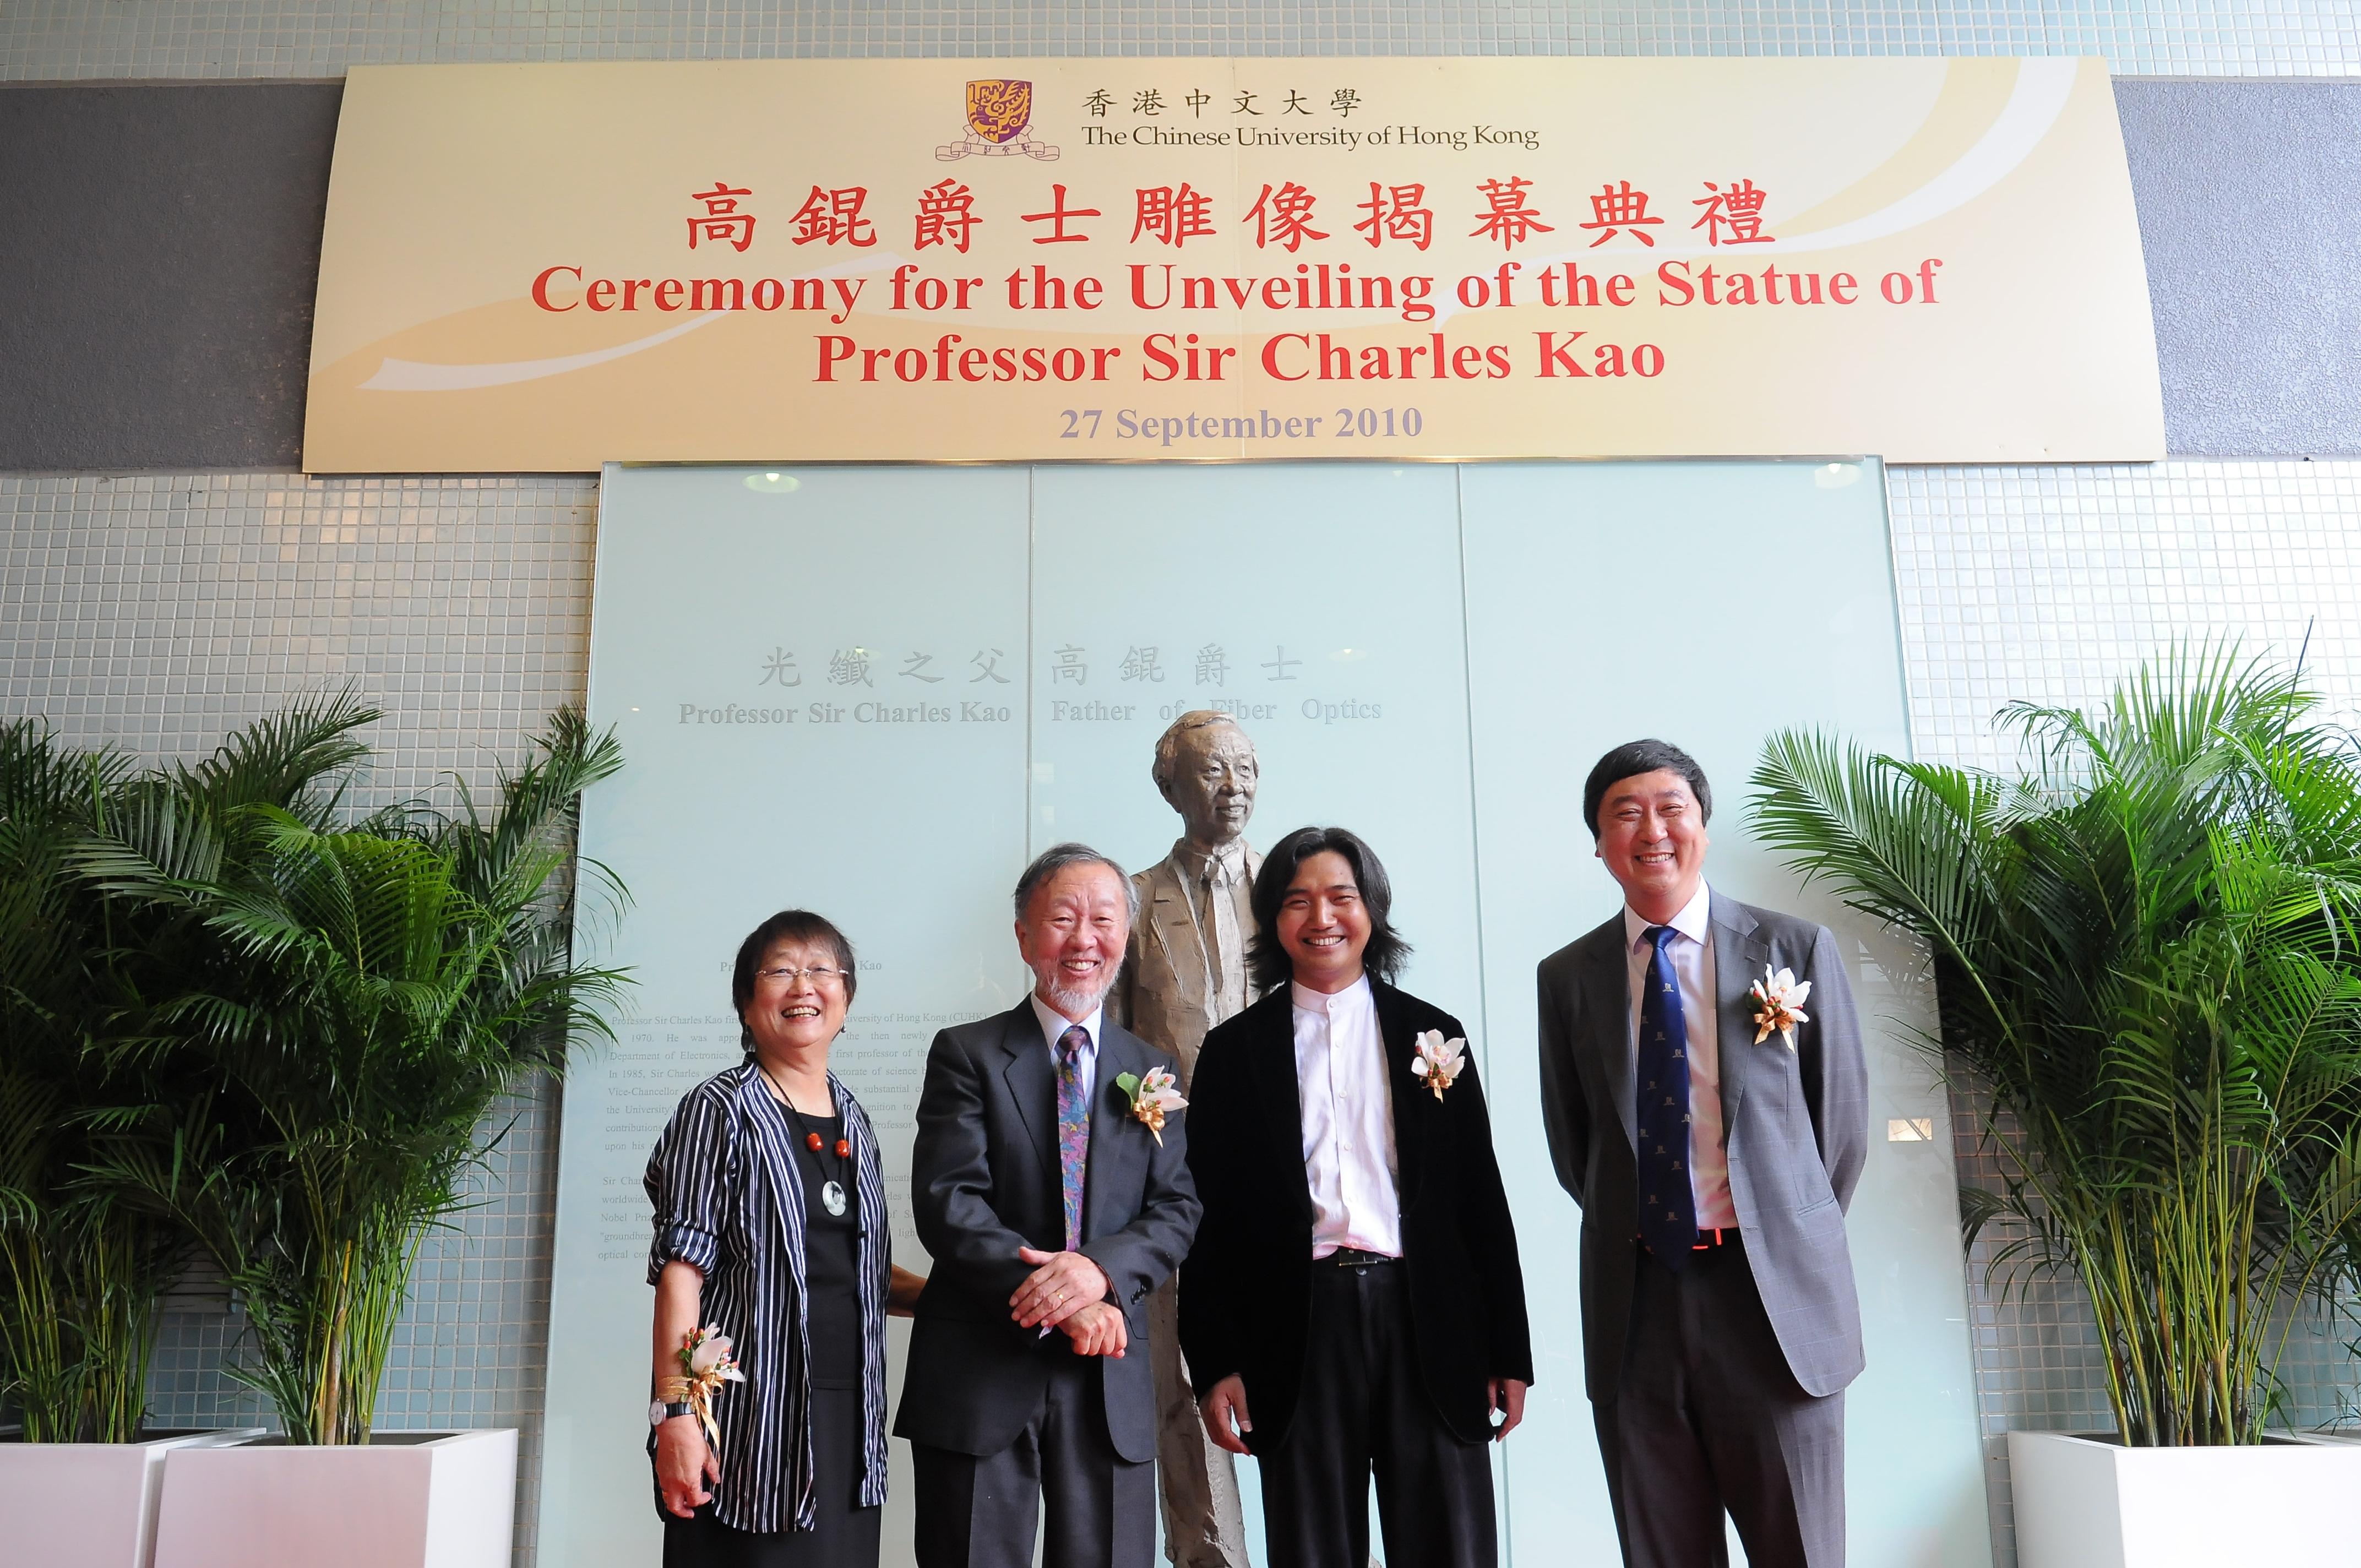 左起:高錕爵士伉儷、中國藝術研究院中國雕塑院院長吳為山教授,以及中大校長沈祖堯教授主持高錕爵士雕像揭幕典禮